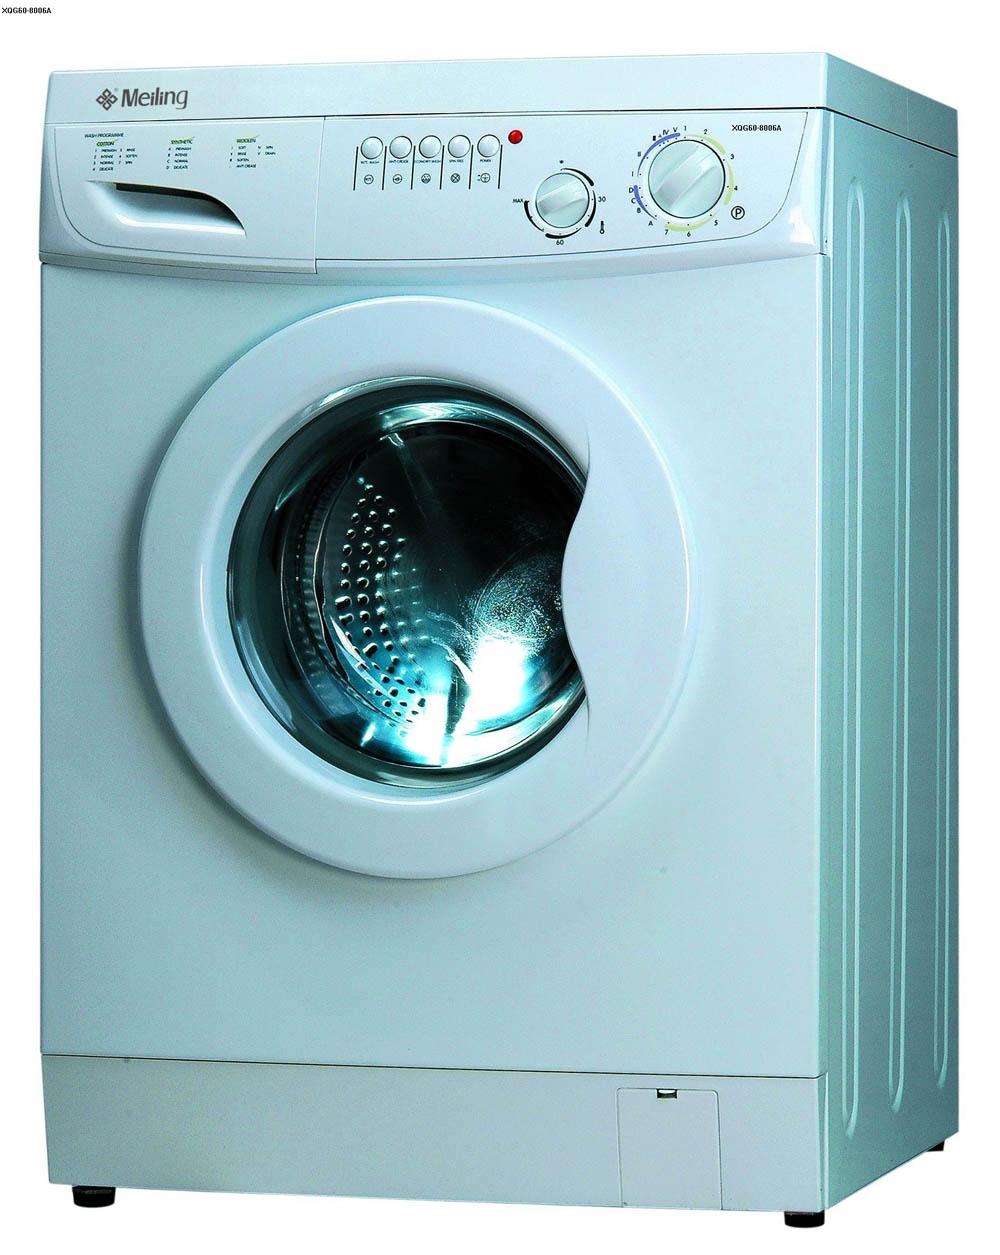 Канди холидей стиральная машина ремонт своими руками